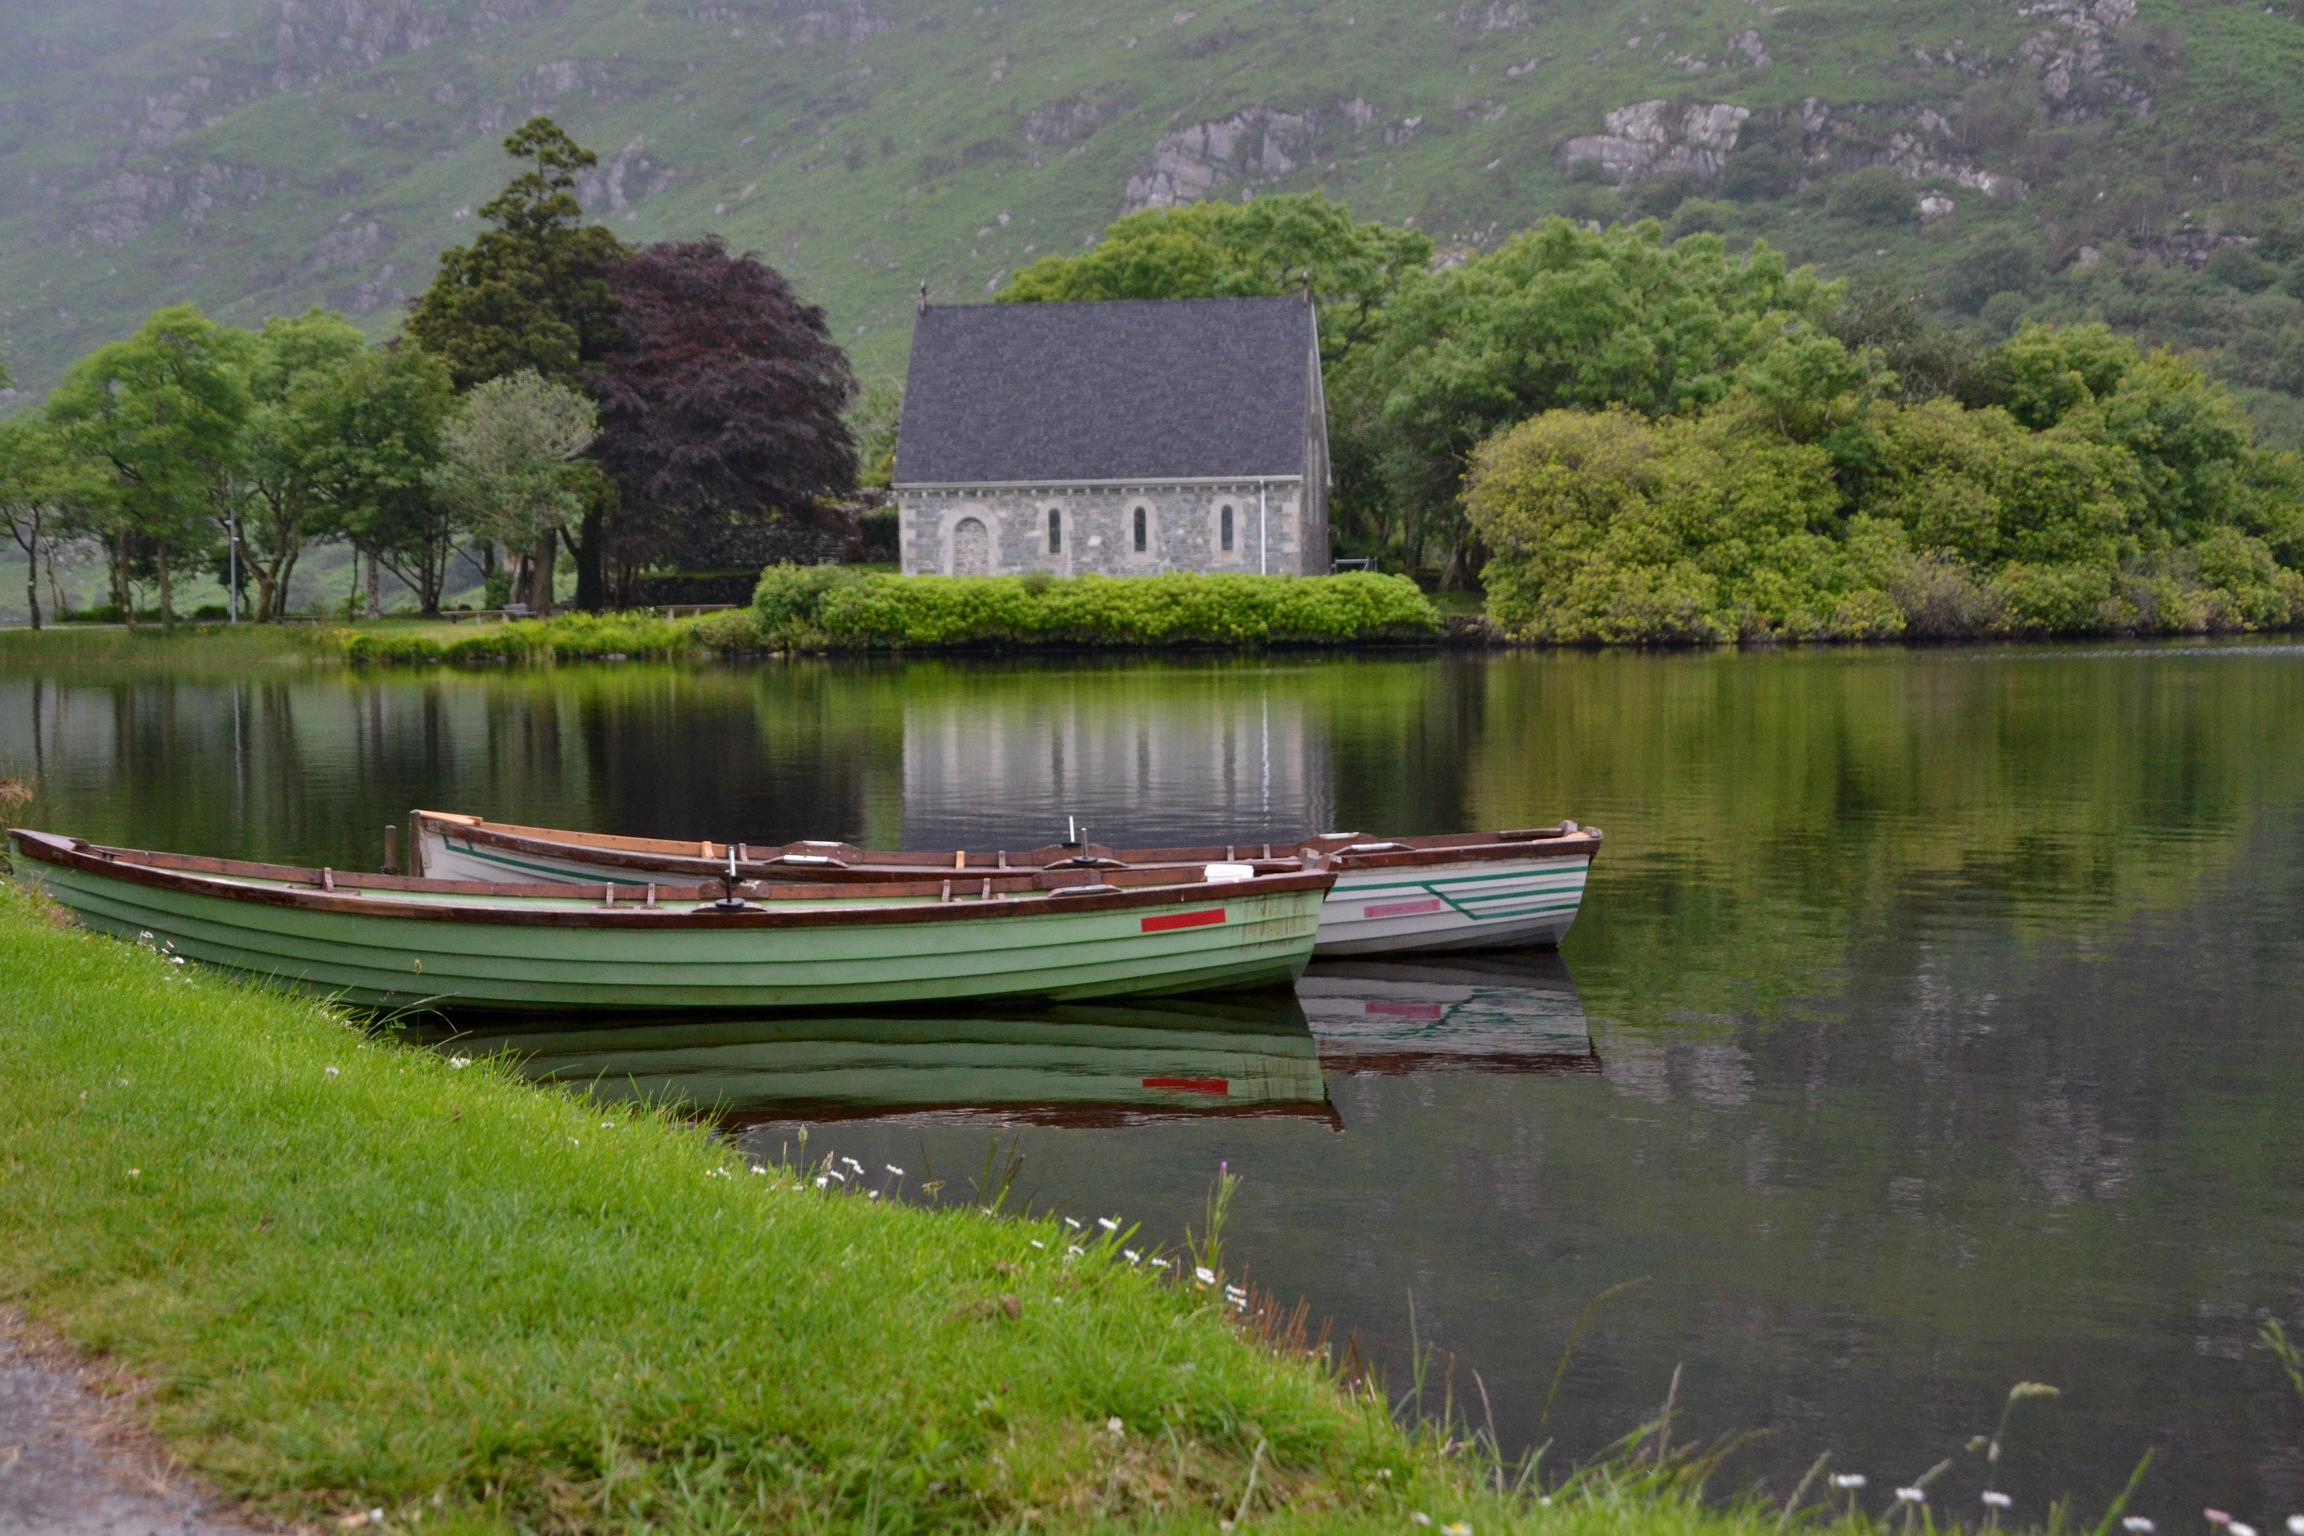 IrelandBoats